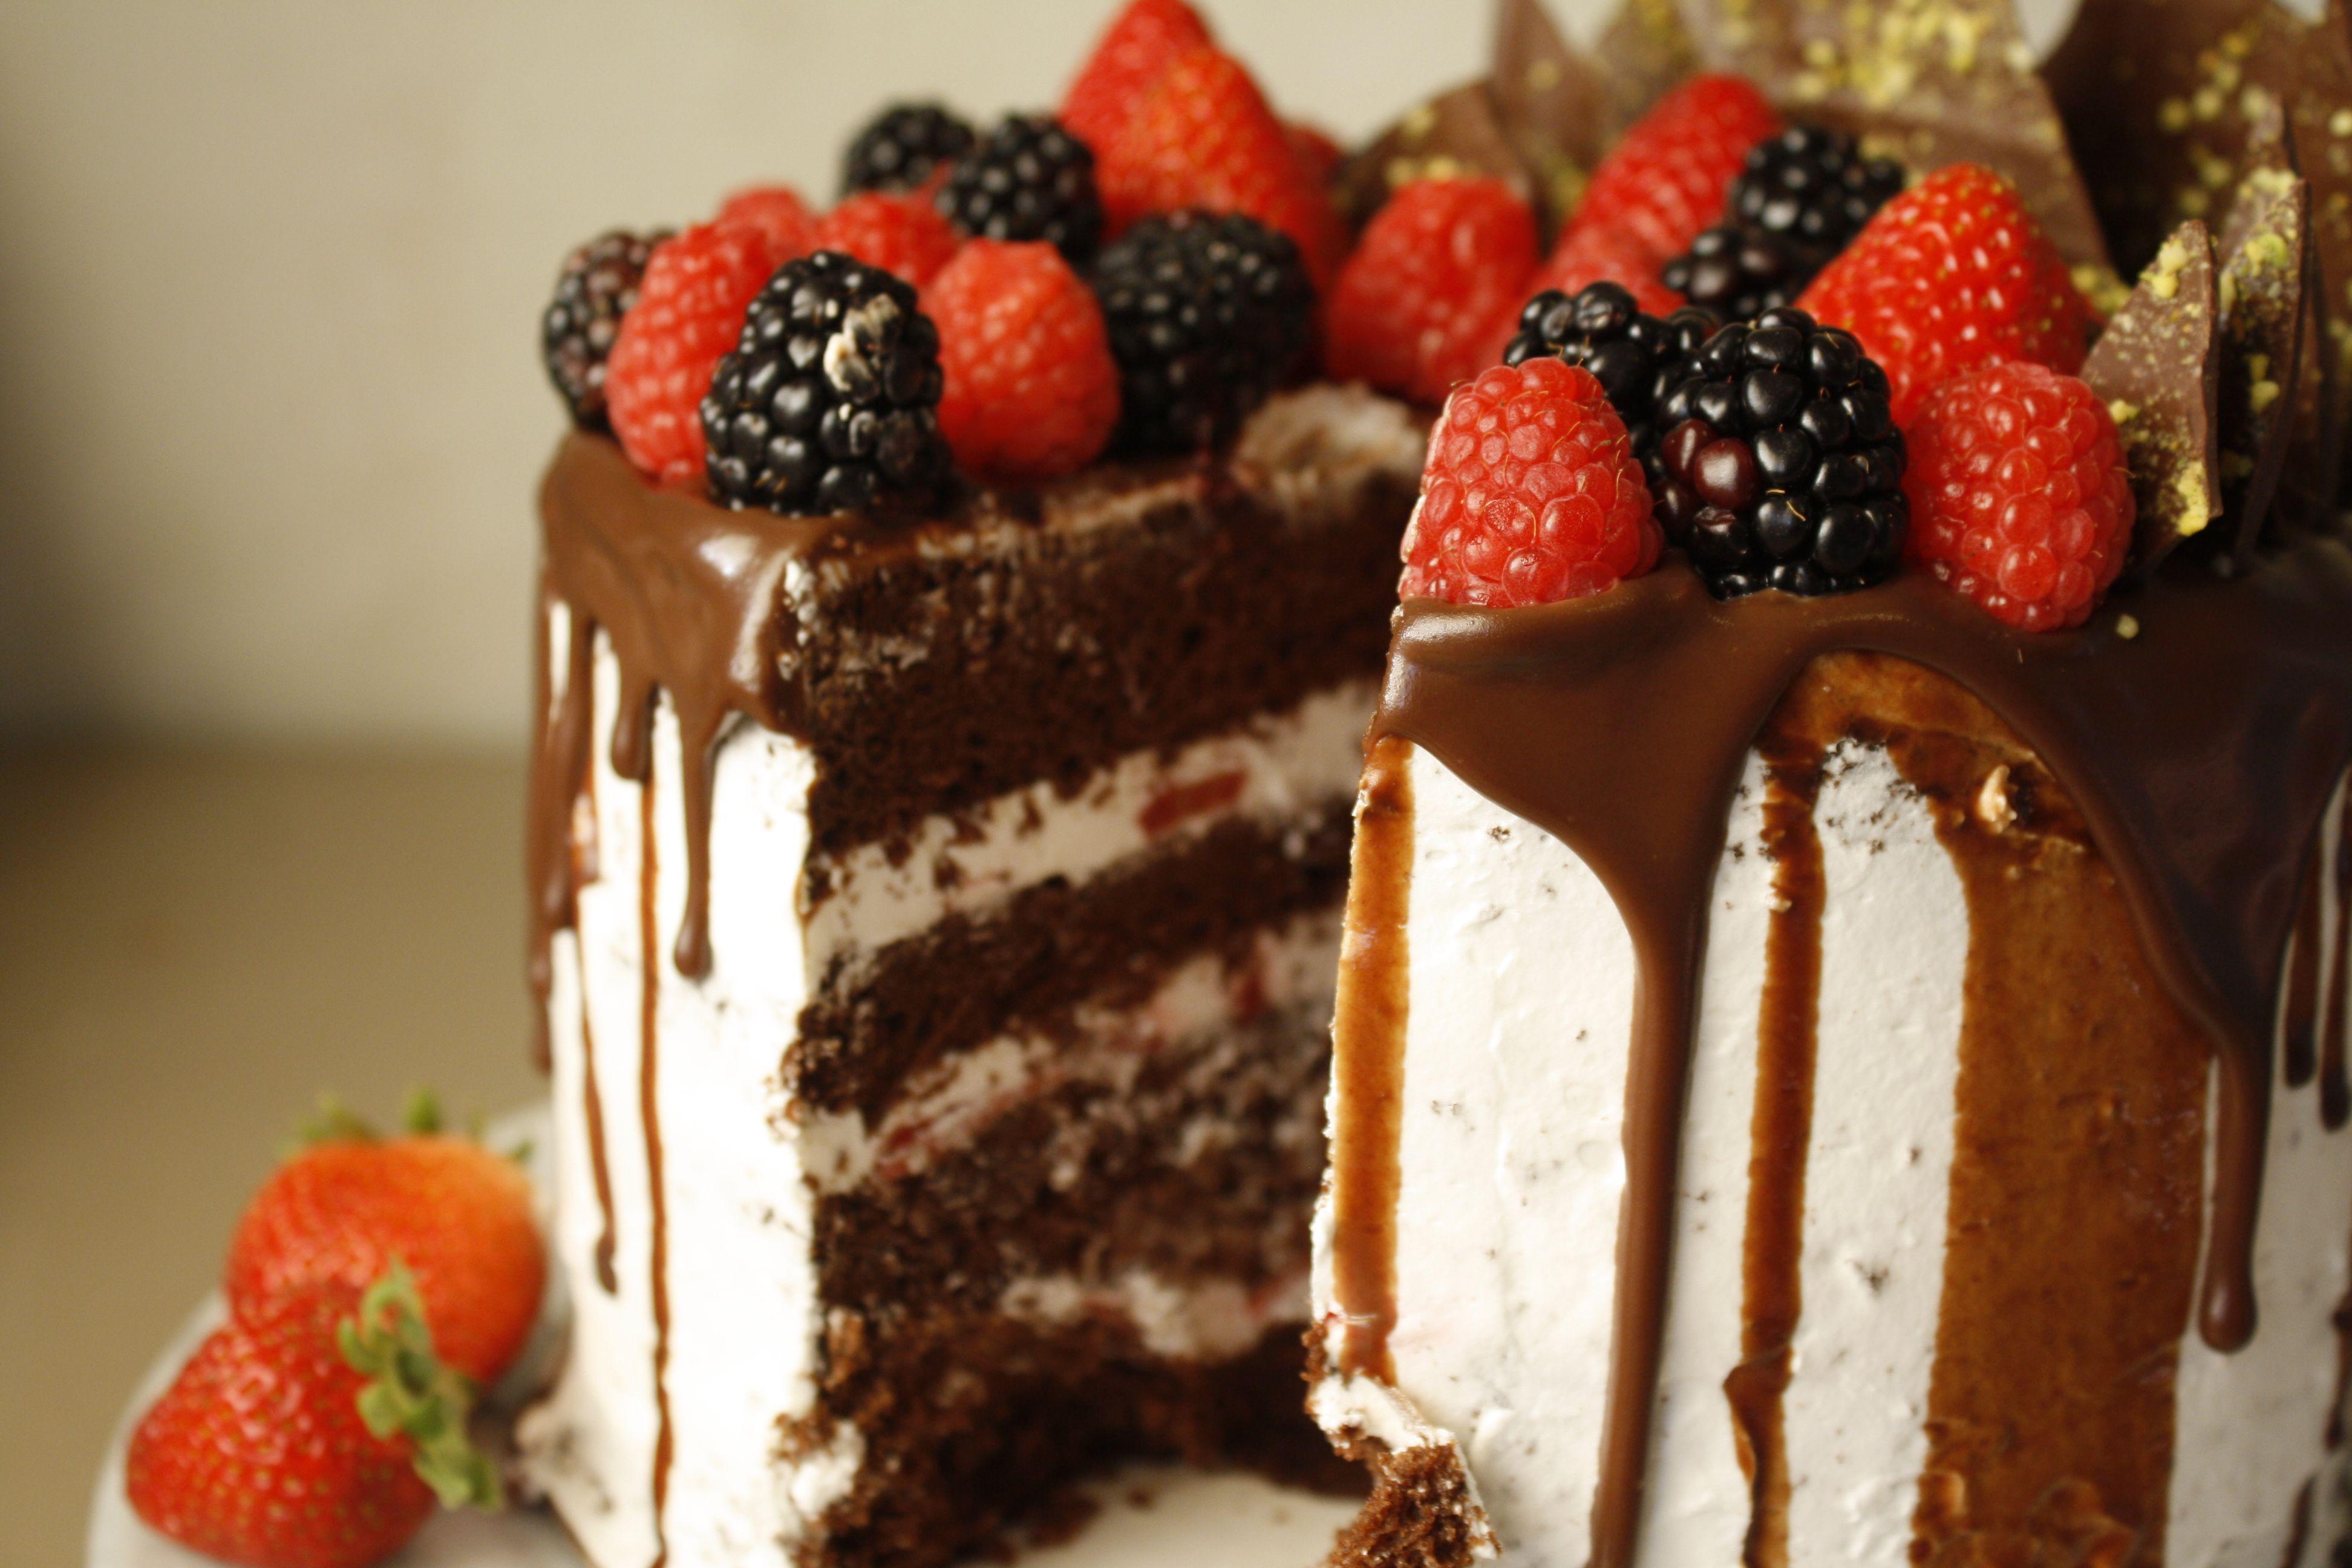 Chocolate Drip Cake with Fresh Berries